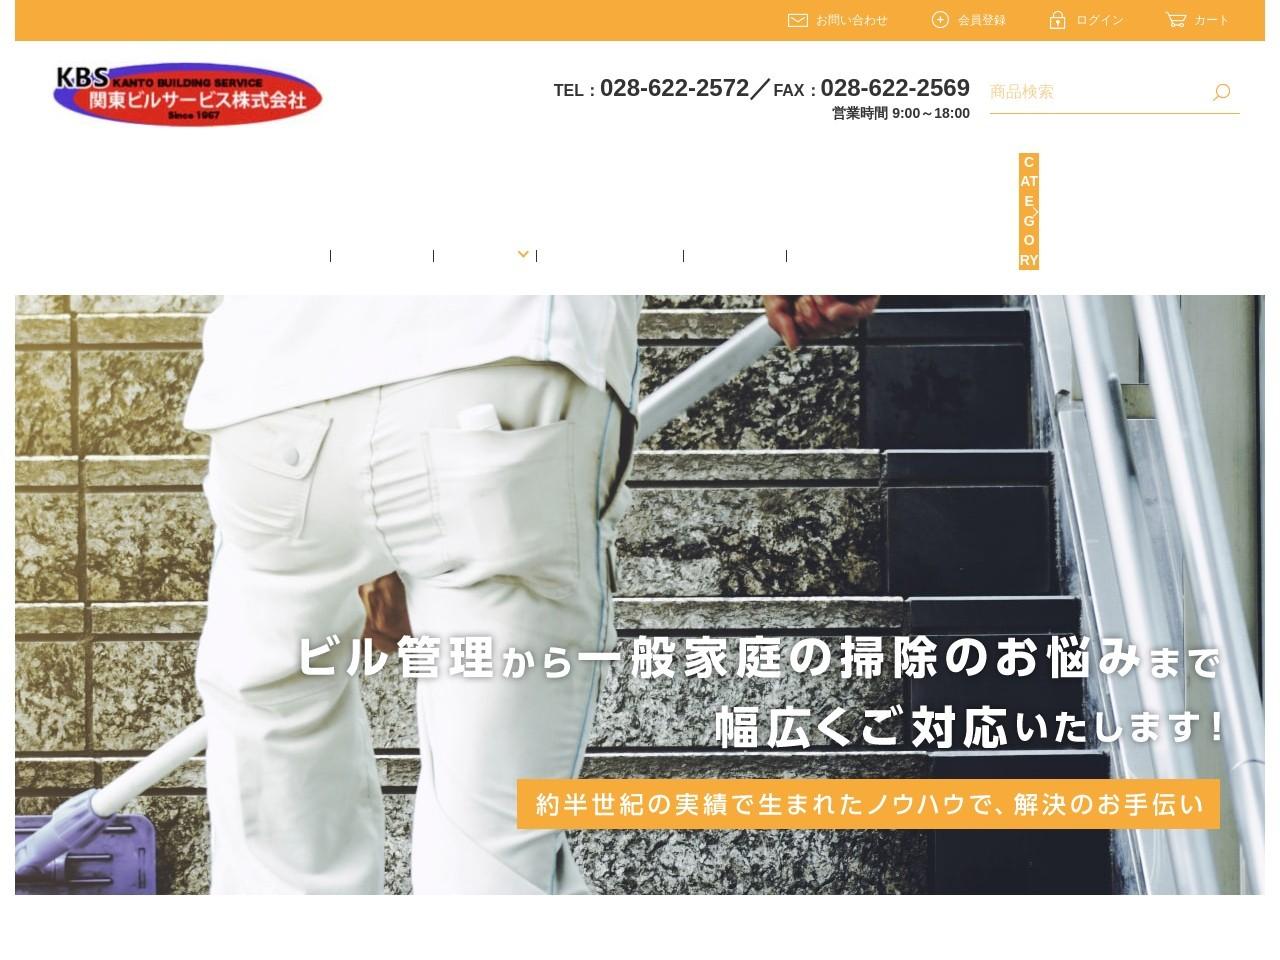 関東ビルサービス株式会社/本社